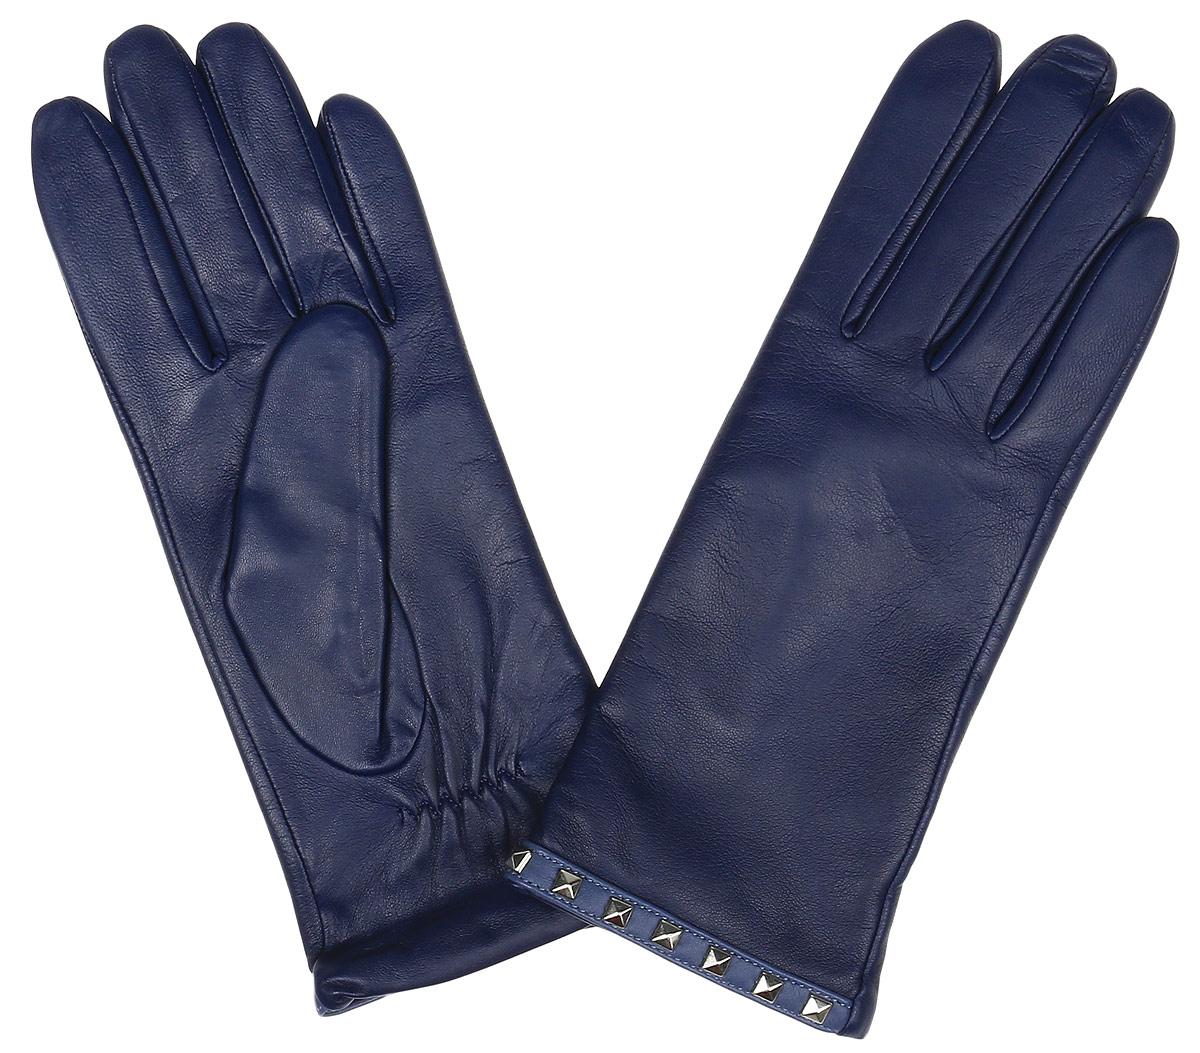 Перчатки женские Fabretti, цвет: синий. 12.24-11. Размер 6,512.24-11 blueЭлегантные женские перчатки Fabretti станут великолепным дополнением вашего образа и защитят ваши руки от холода и ветра во время прогулок. Перчатки выполнены из натуральной кожи ягненка. Модель декорирована стильными металлическими заклепками. Такие перчатки будут оригинальным завершающим штрихом в создании современного модного образа, они подчеркнут ваш изысканный вкус и станут незаменимым и практичным аксессуаром.